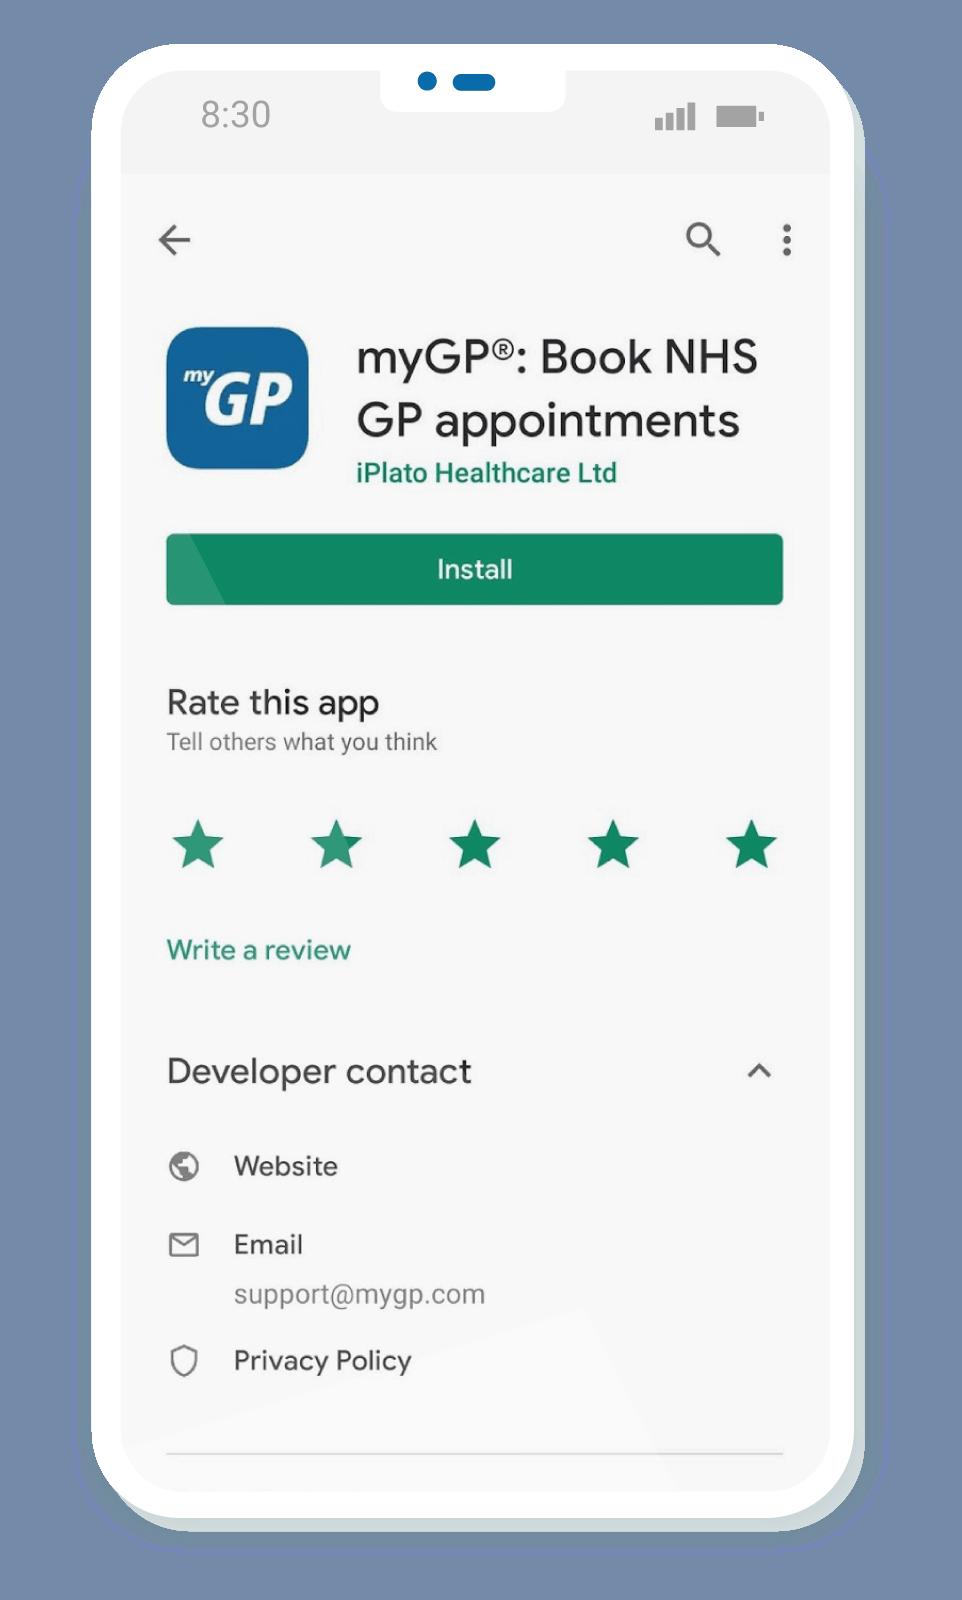 myGP app